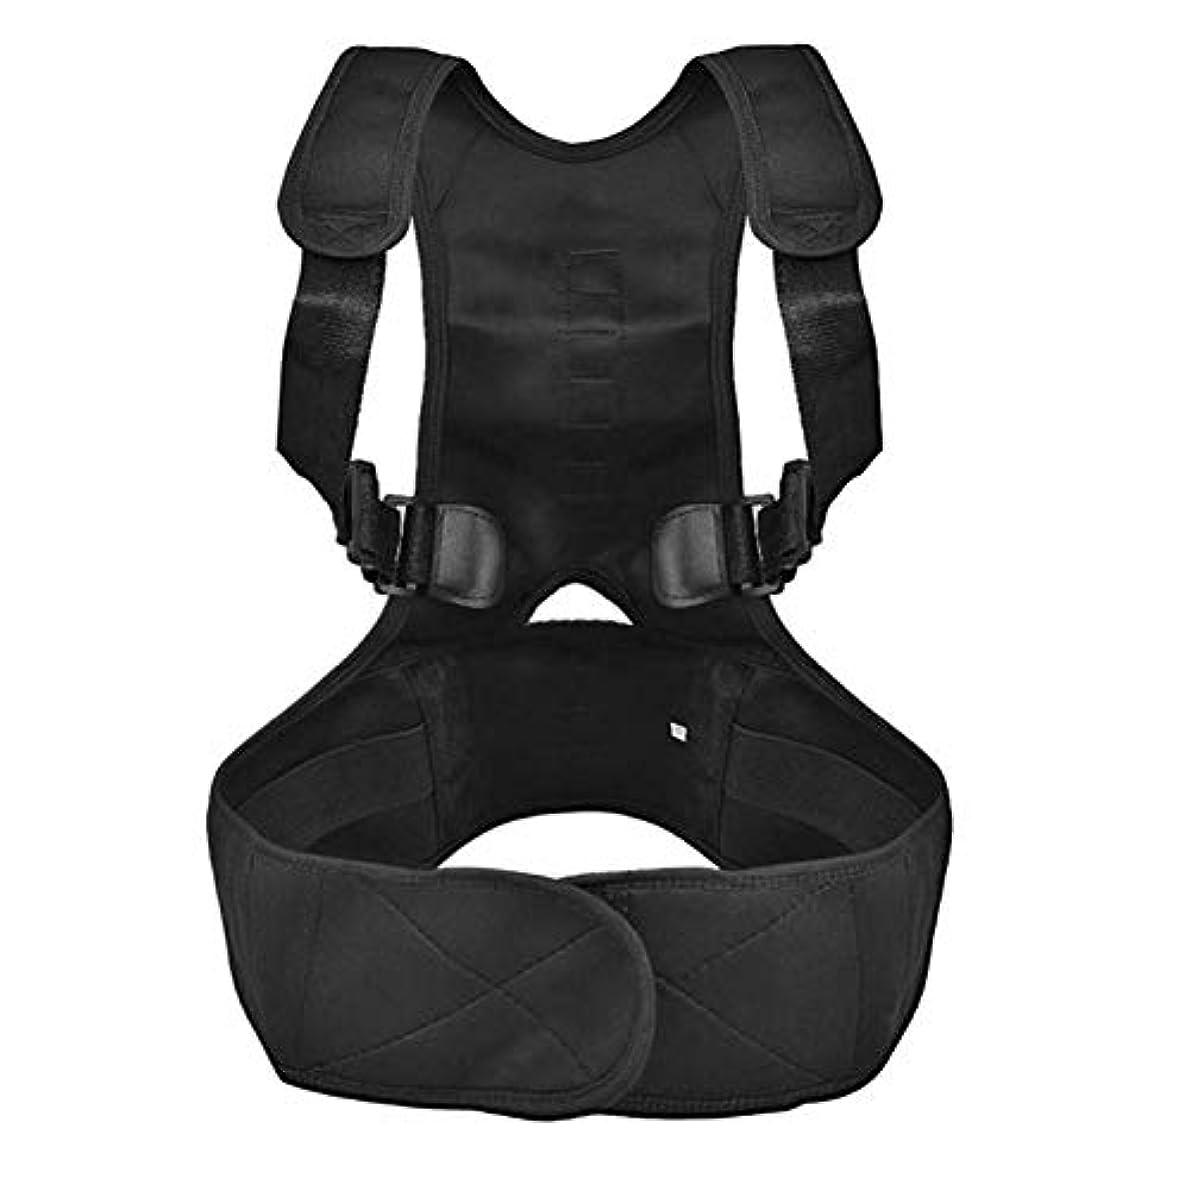 姿勢補正器男性女性の快適なアッパーバックブレースの鎖骨サポートと首の背中と肩からの痛みの緩和を提供 b823 (Color : Black, Size : M)